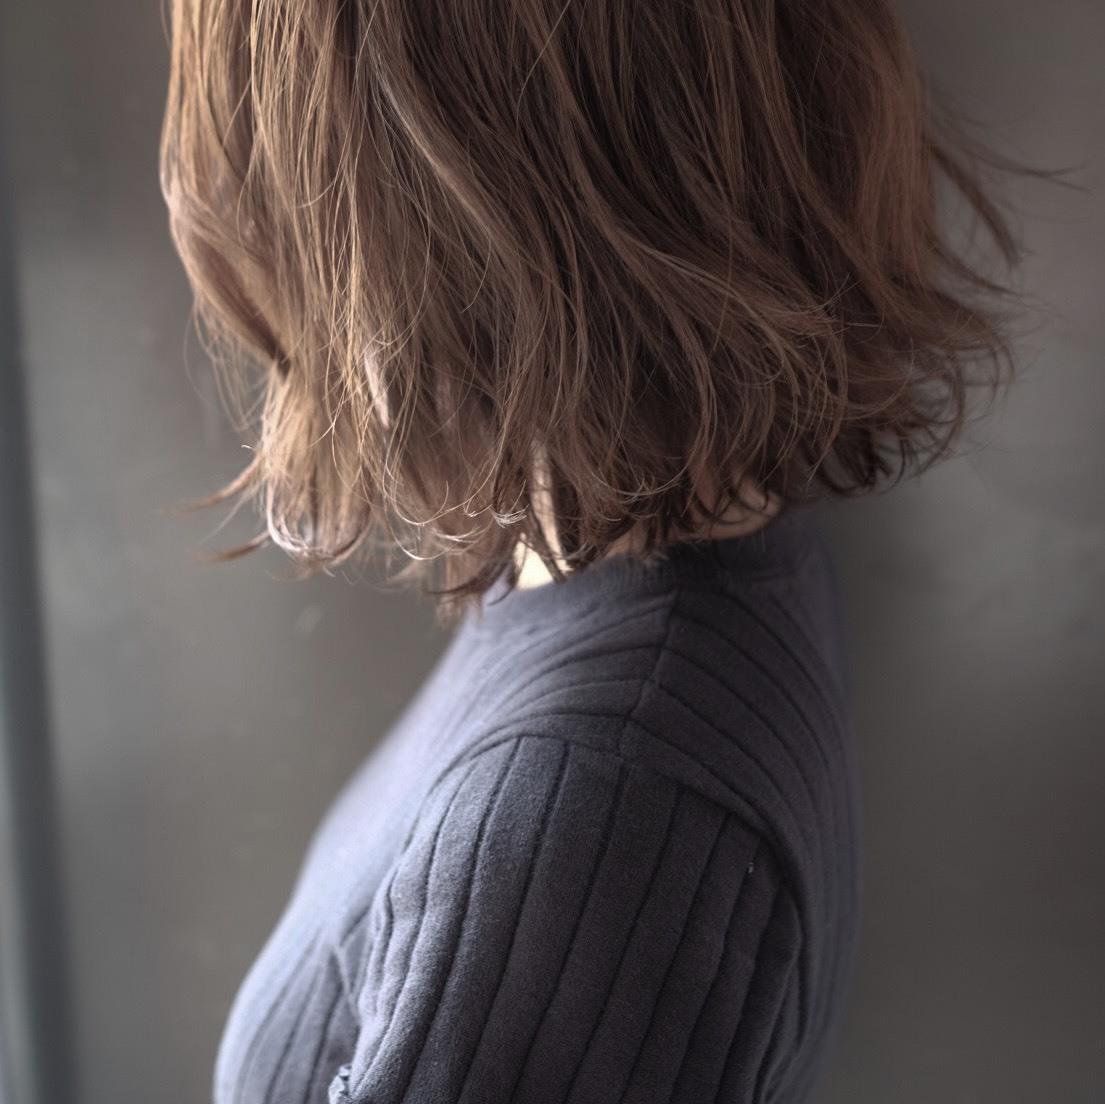 ダメージレスなツヤ髪カラーを叶える「イルミナカラー」